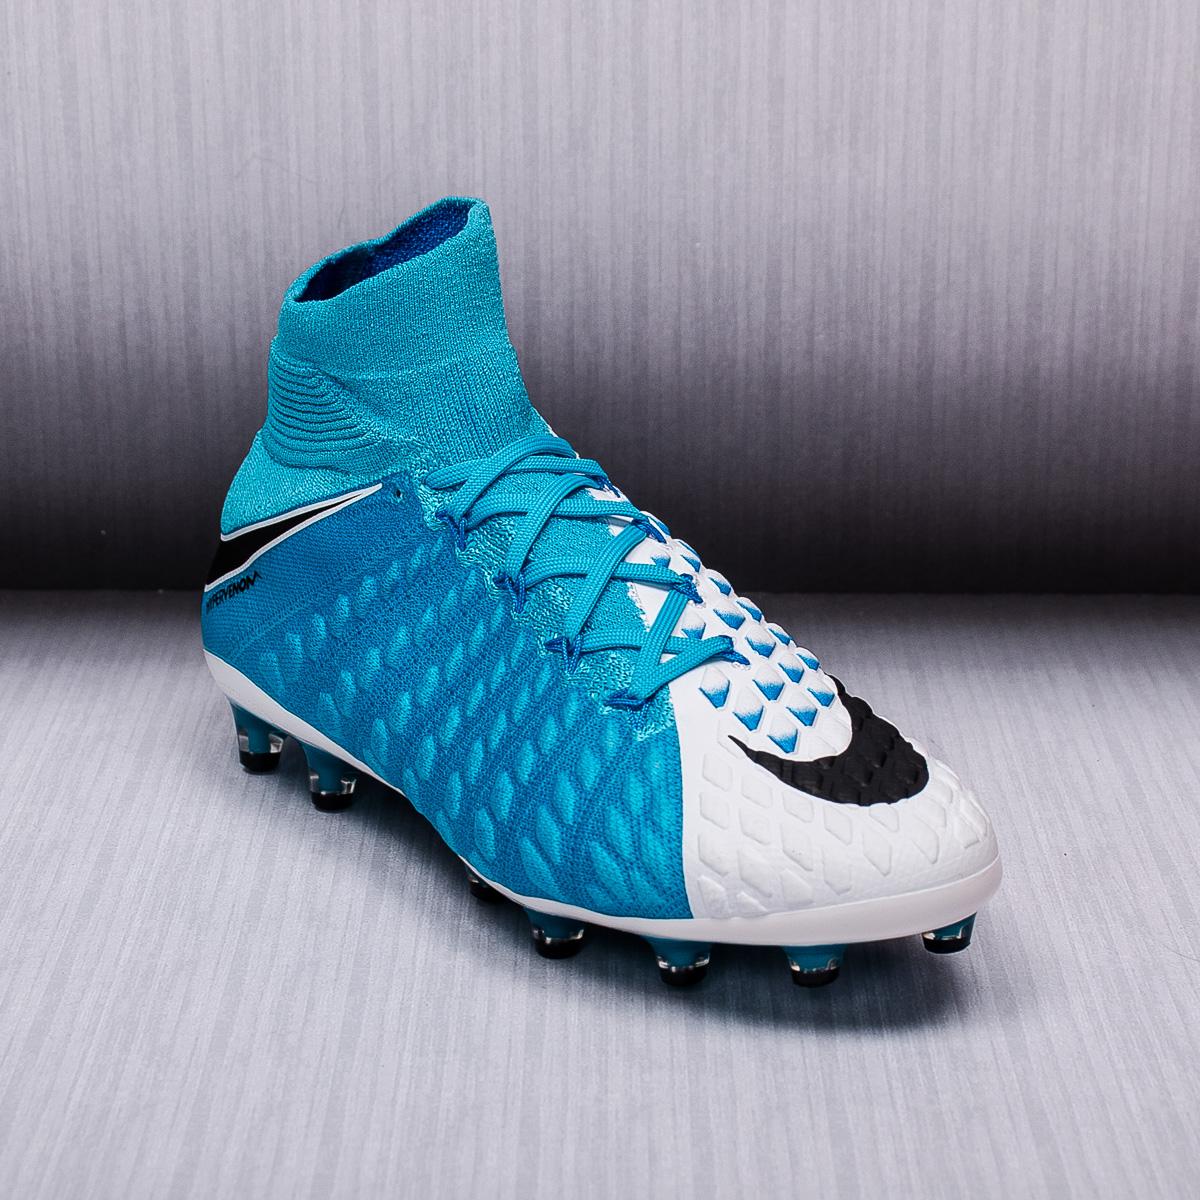 uk availability ccd2c b05a2 Nike Hypervenom Phantom 3 DF AG-PRO Soccer Cleats - Soccer ...